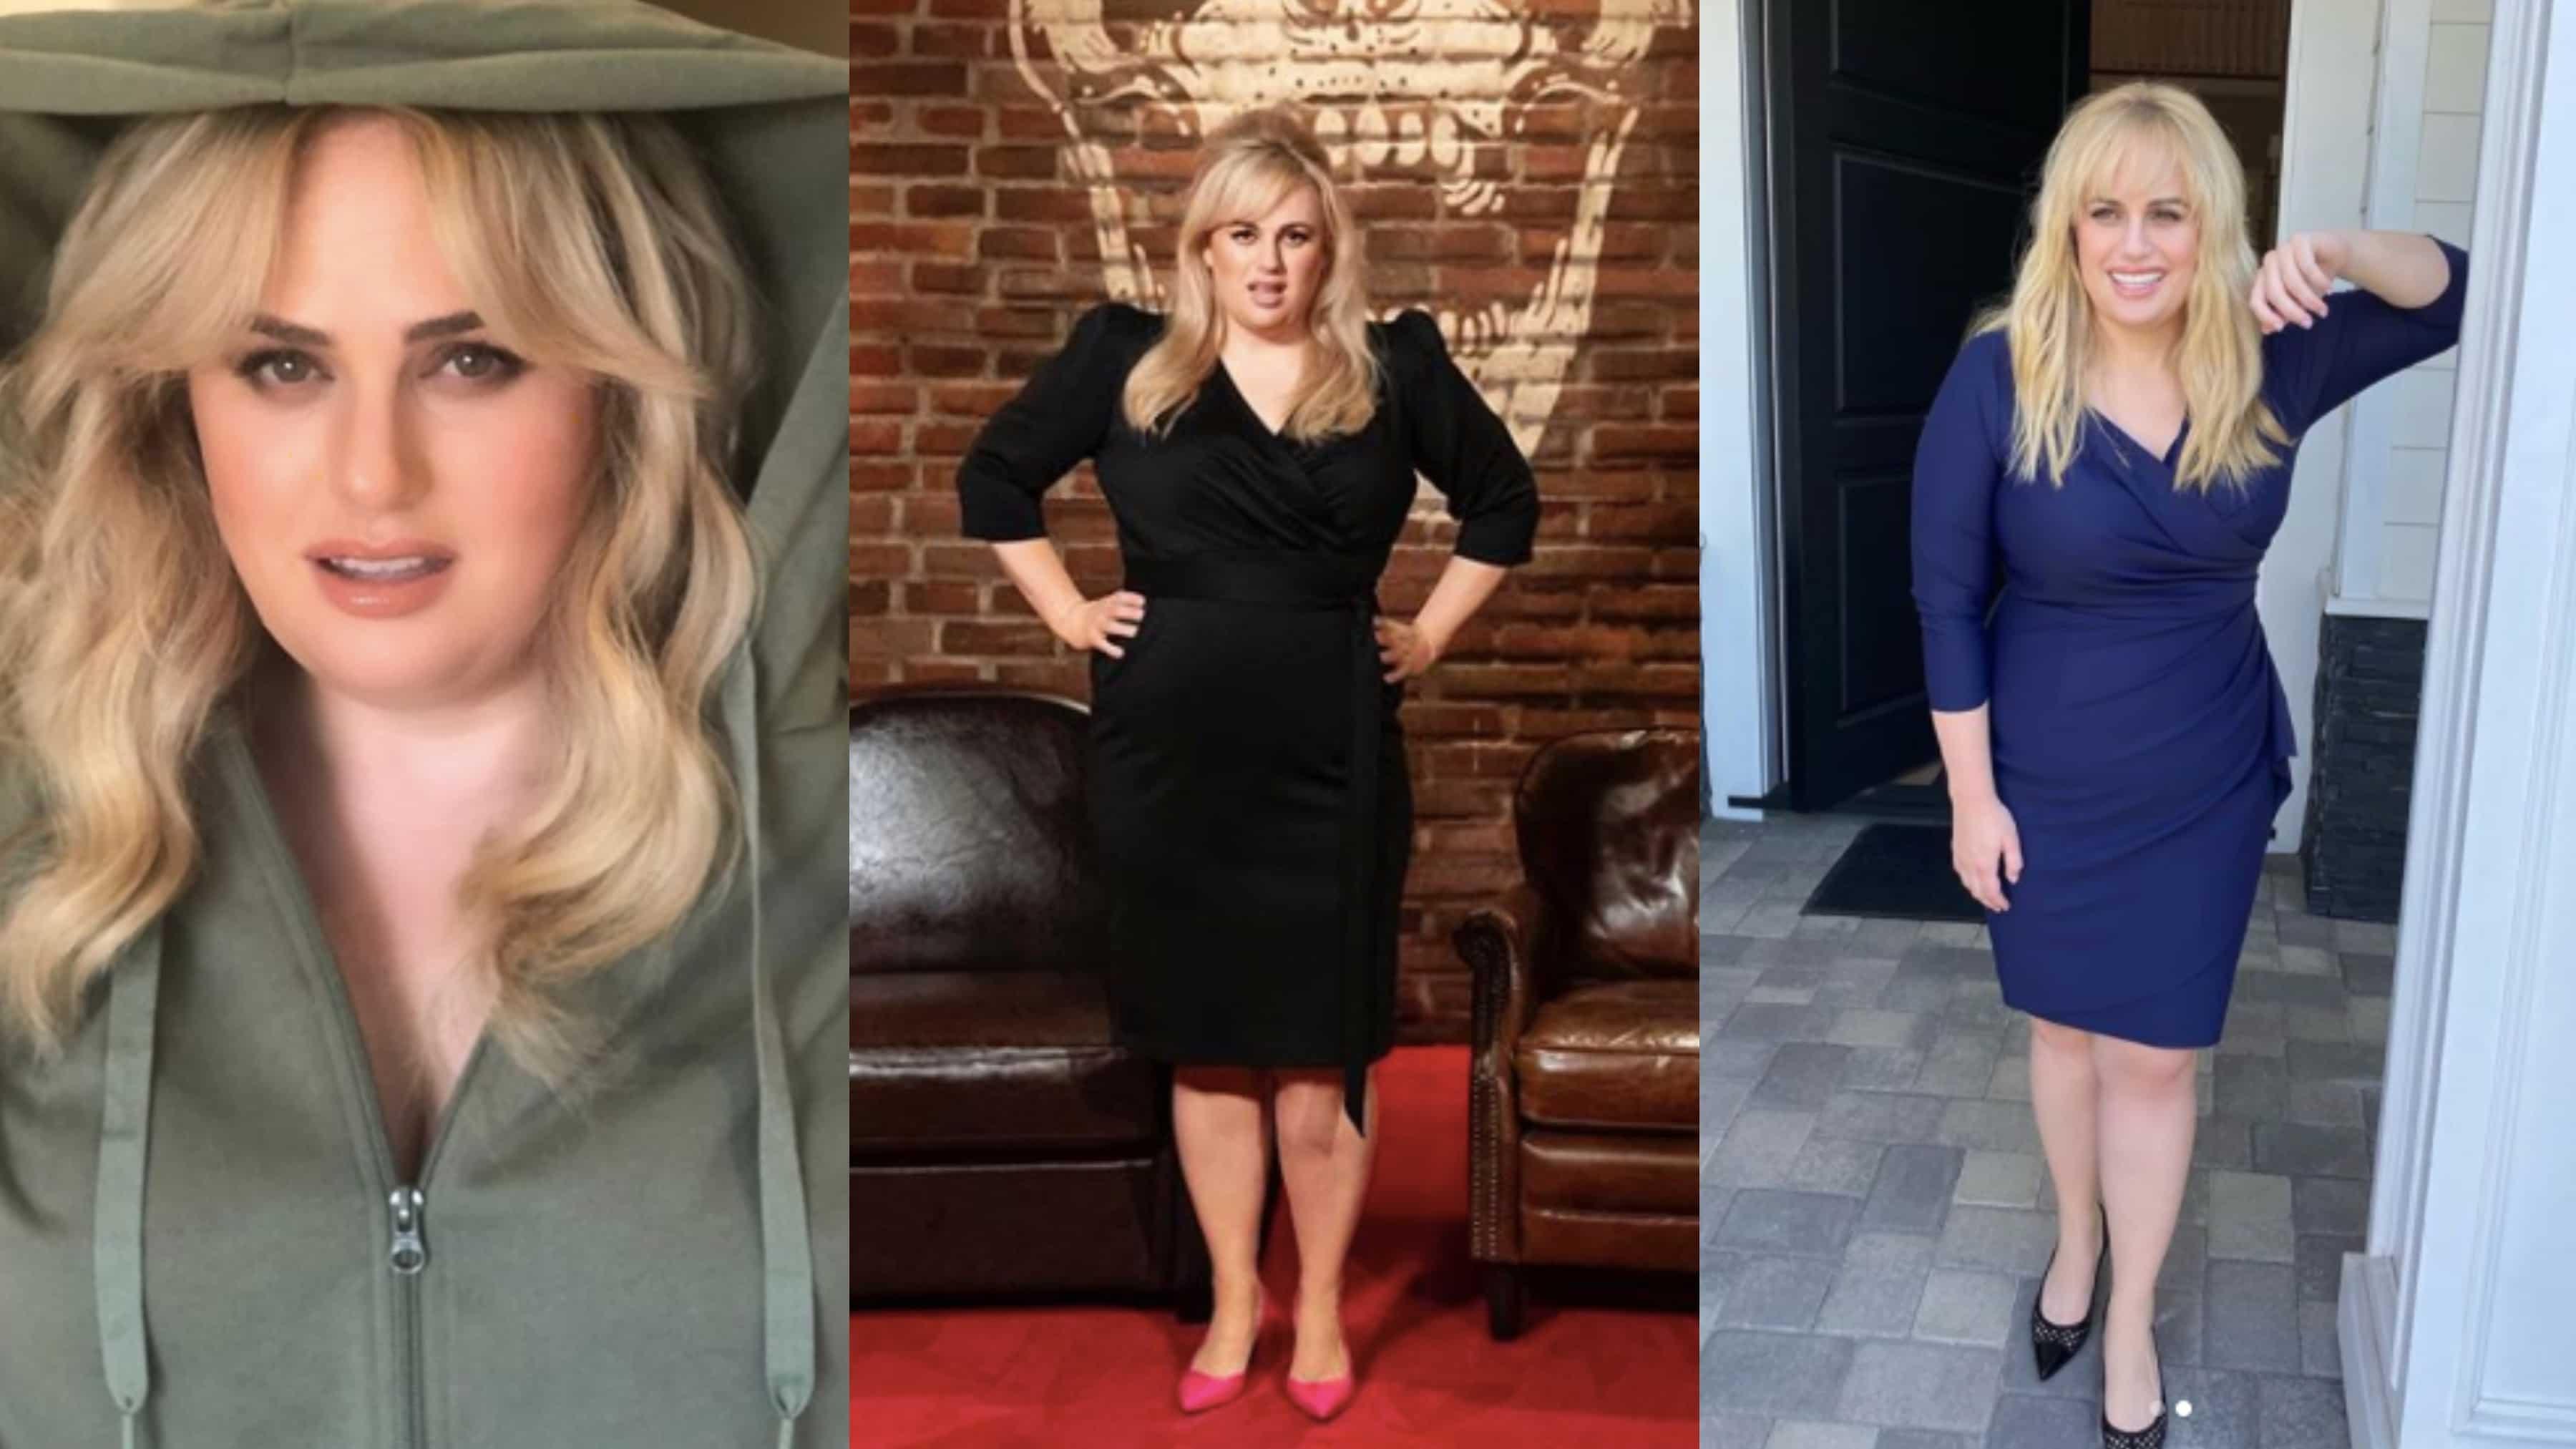 「胖艾美」瑞貝爾威爾森暴風式瘦身 公開體重狂瘦的健身飲食菜單 - Yah